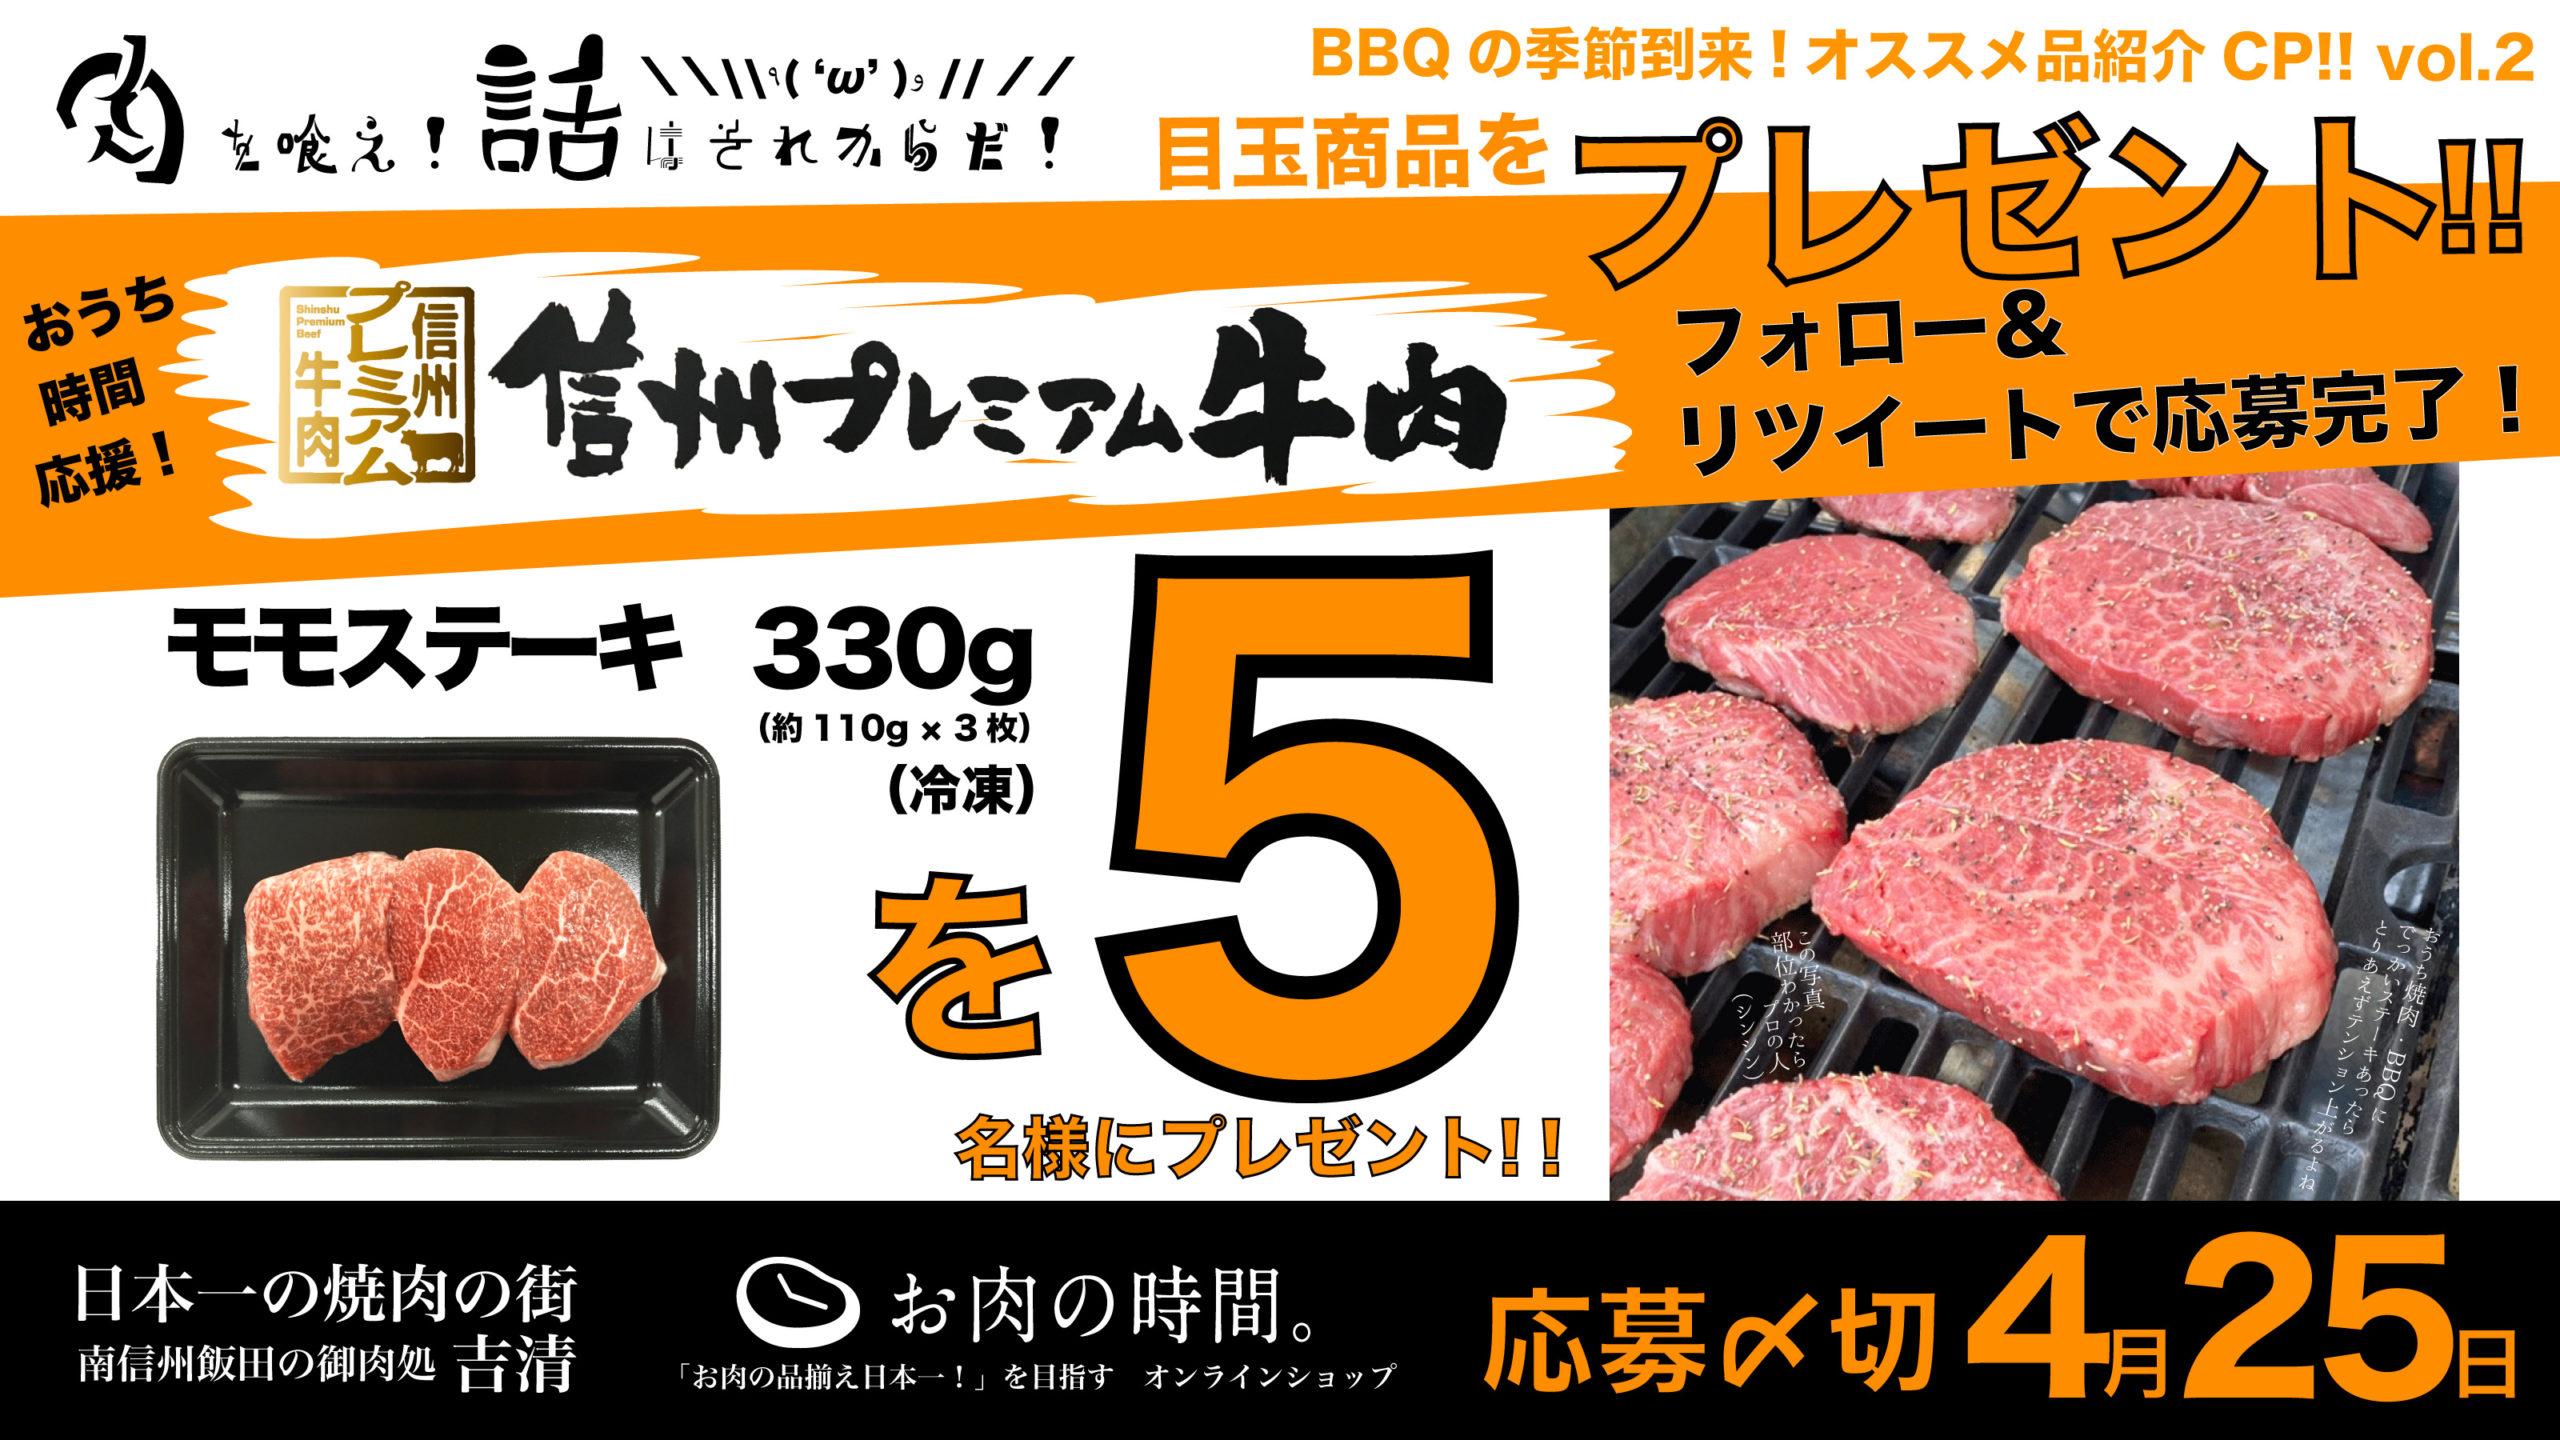 4/23正午より!BBQの季節到来!オススメ品紹介CP!vol.2